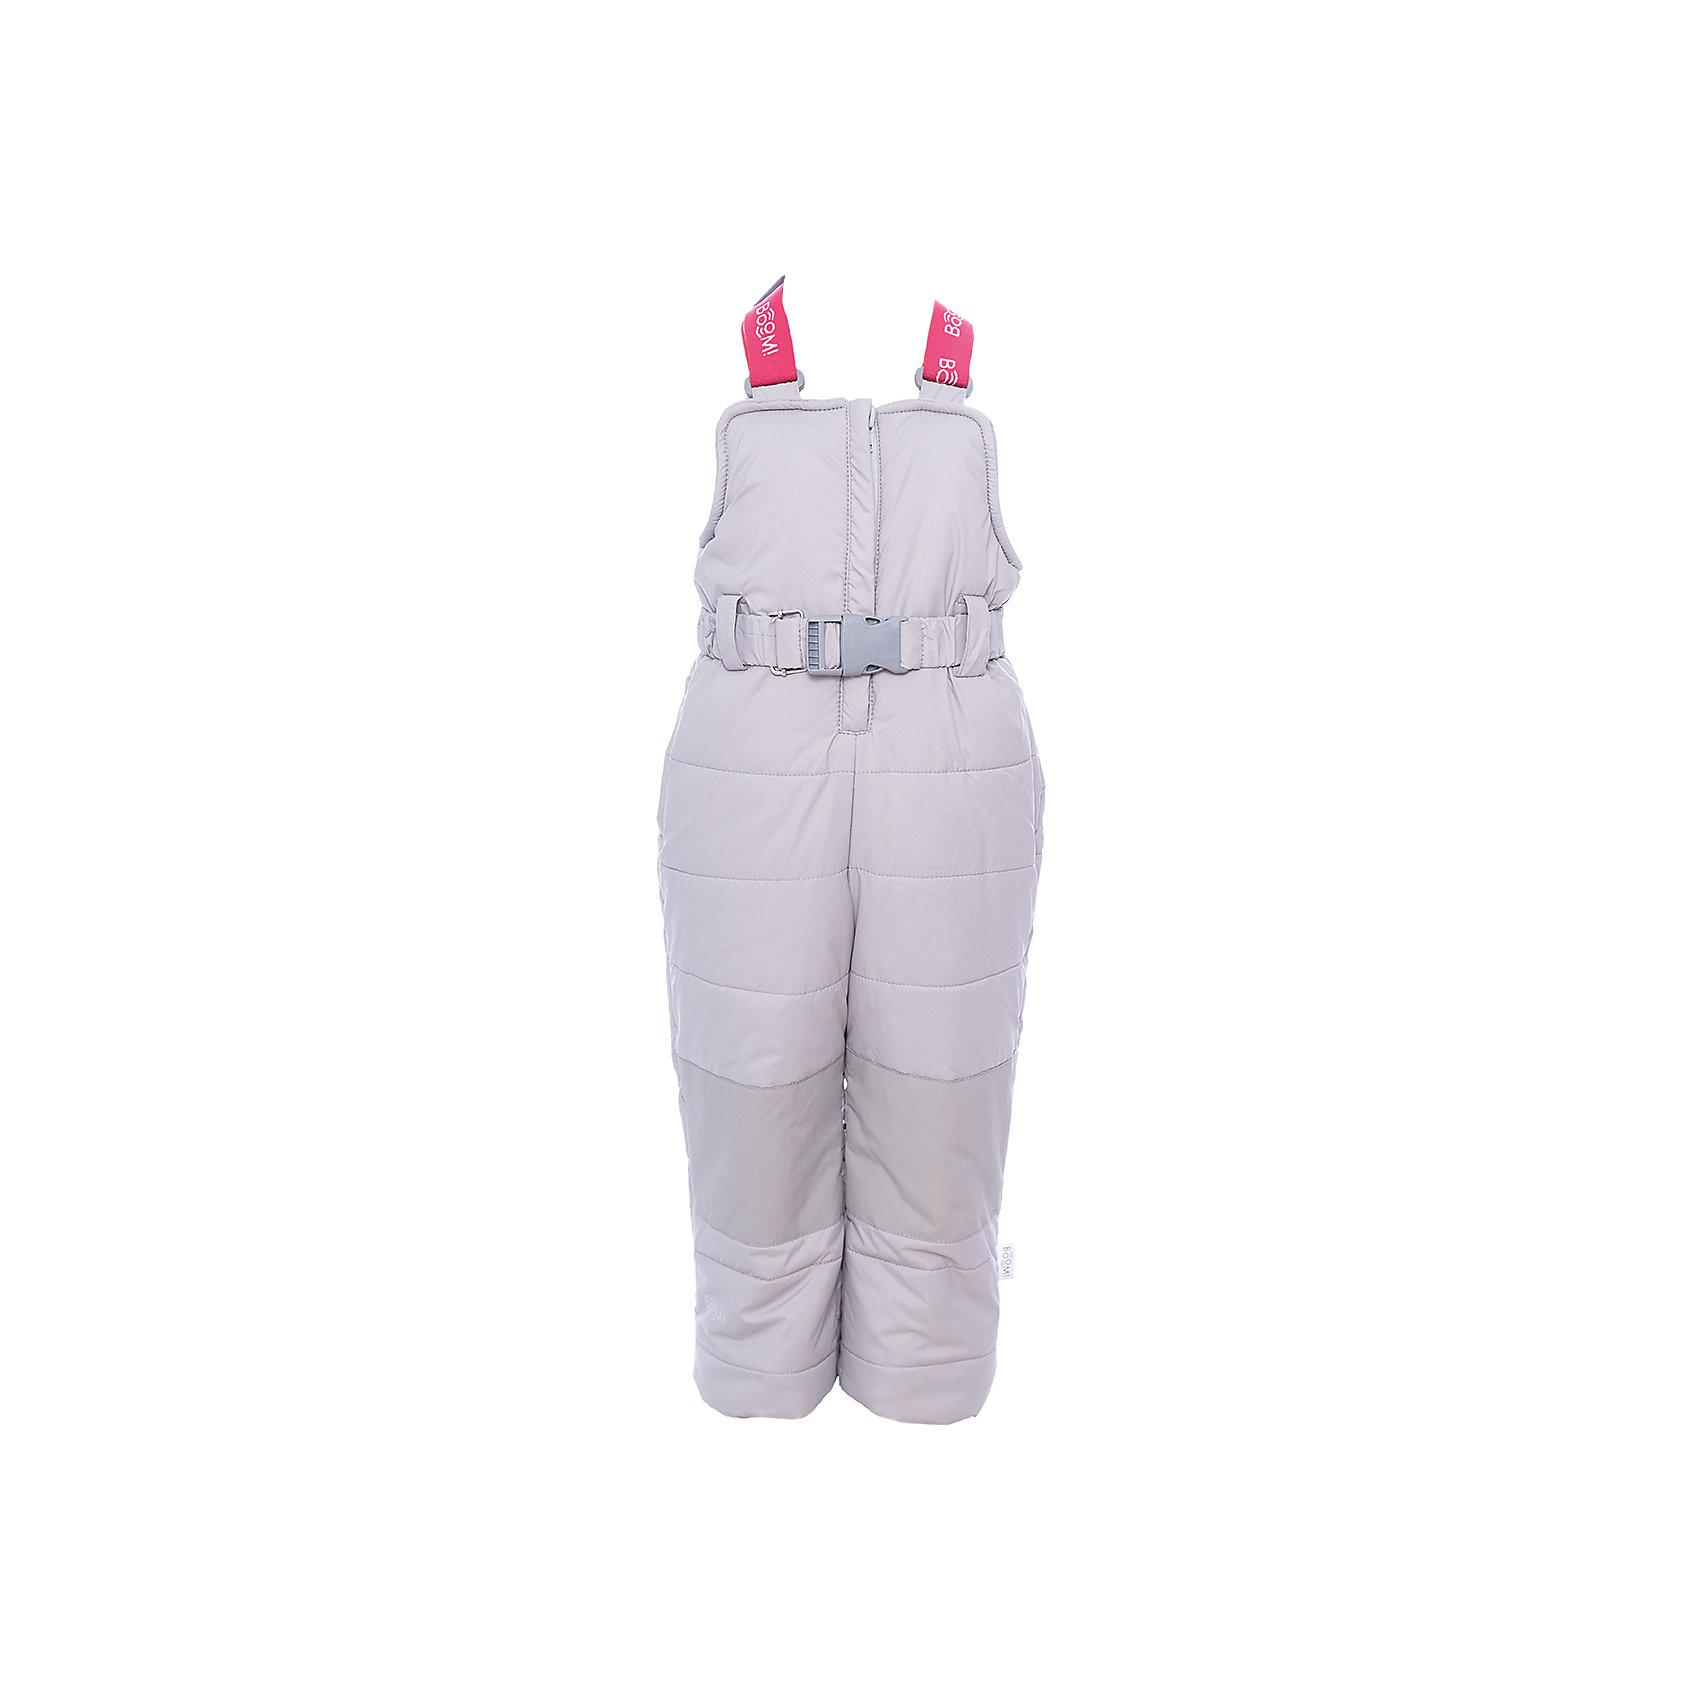 Полукомбинезон BOOM by Orby для девочкиВерхняя одежда<br>Характеристики товара:<br><br>• цвет: черный<br>• состав ткани: таффета pu milky<br>• подкладка: флис, полиэстер пуходержащий<br>• утеплитель: эко синтепон<br>• сезон: зима<br>• температурный режим: от 0 до -30С<br>• плотность утеплителя: 400 г/м2<br>• застежка: молния<br>• страна бренда: Россия<br>• страна изготовитель: Россия<br><br>Такой зимний полукомбинезон для ребенка поможет обеспечить необходимый уровень комфорта в морозы. Плотная ткань и утеплитель зимнего полукомбинезона защитят ребенка от холодного воздуха. Теплый полукомбинезон стильно смотрится и комфортно сидит. Детский полукомбинезон имеет удобную застежку. <br><br>Полукомбинезон для девочки BOOM by Orby (Бум бай Орби) можно купить в нашем интернет-магазине.<br><br>Ширина мм: 215<br>Глубина мм: 88<br>Высота мм: 191<br>Вес г: 336<br>Цвет: серый<br>Возраст от месяцев: 24<br>Возраст до месяцев: 36<br>Пол: Женский<br>Возраст: Детский<br>Размер: 80,86,92,98,104,110,116,122,128,134,140,146,152,158<br>SKU: 7090457